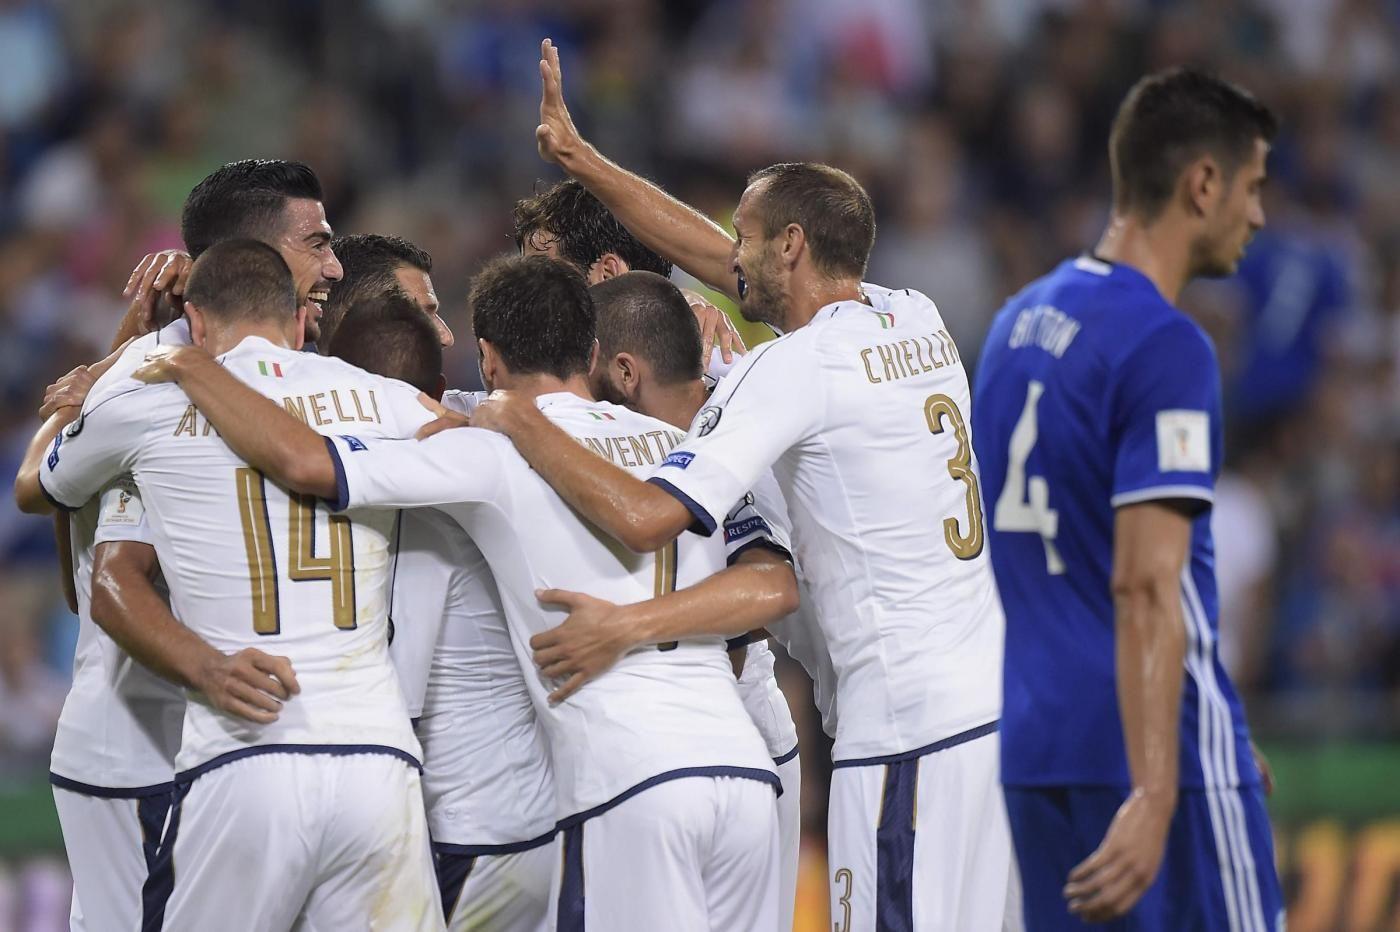 Qualificazioni Mondiale: l'Italia parte bene - Sportmediaset - Sportmediaset…